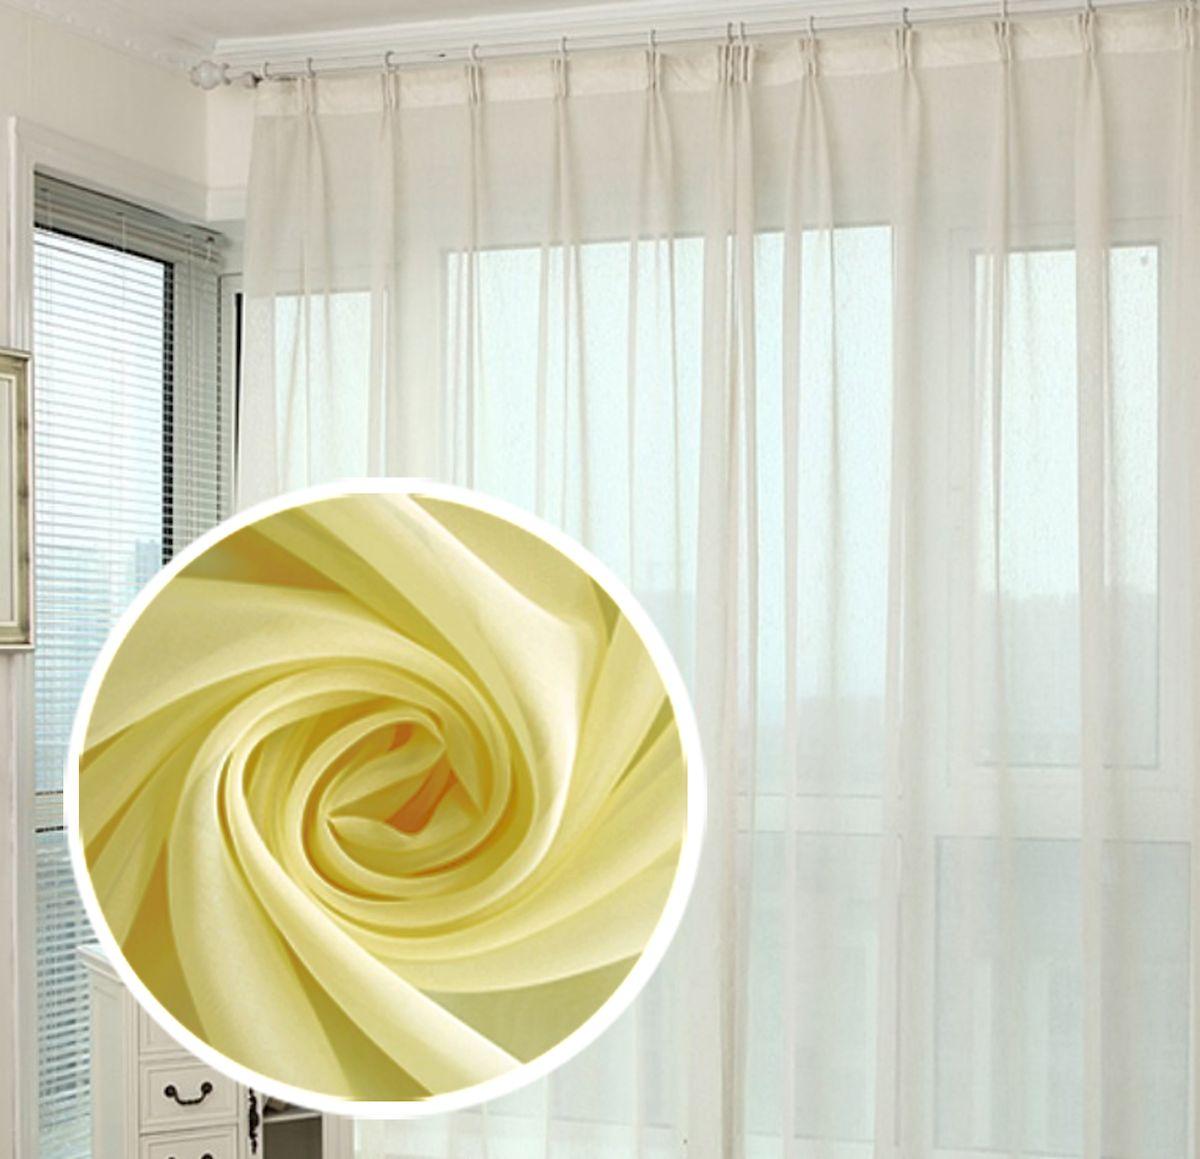 Тюль Amore Mio Однотонный, на ленте, цвет: желтый, высота 290 см78562Тюль Amore Mio нежного цвета в классическом однотонном исполнении изготовлен из 100% полиэстера. Воздушная ткань привлечет к себе внимание и идеально оформит интерьер любого помещения. Полиэстер - вид ткани, состоящий из полиэфирных волокон. Ткани из полиэстера легкие, прочные и износостойкие. Такие изделия не требуют специального ухода, не пылятся и почти не мнутся.Крепление к карнизу осуществляется при помощи вшитой шторной ленты.